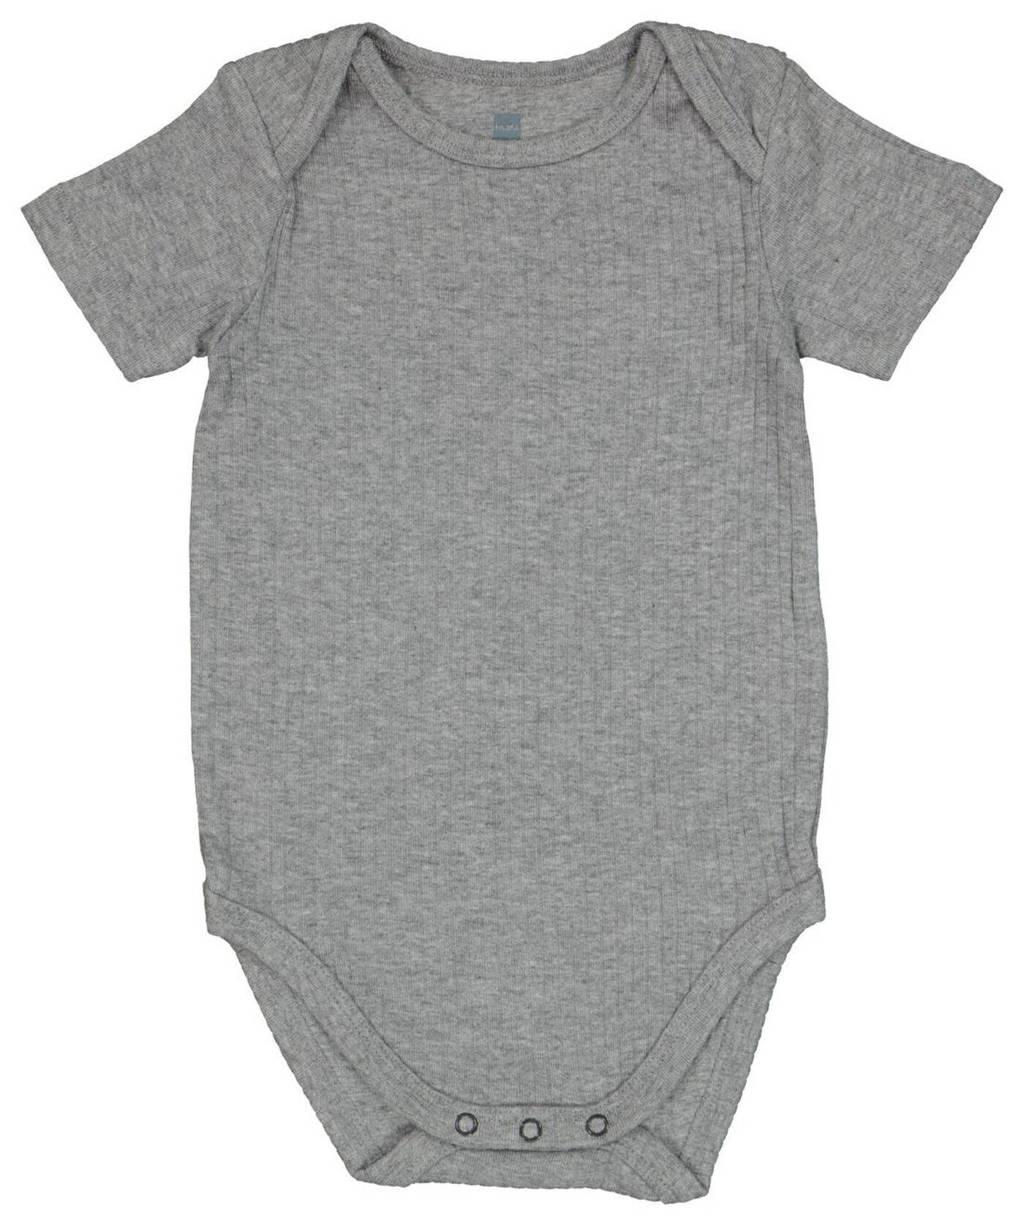 HEMA baby newborn romper grijs, Grijs